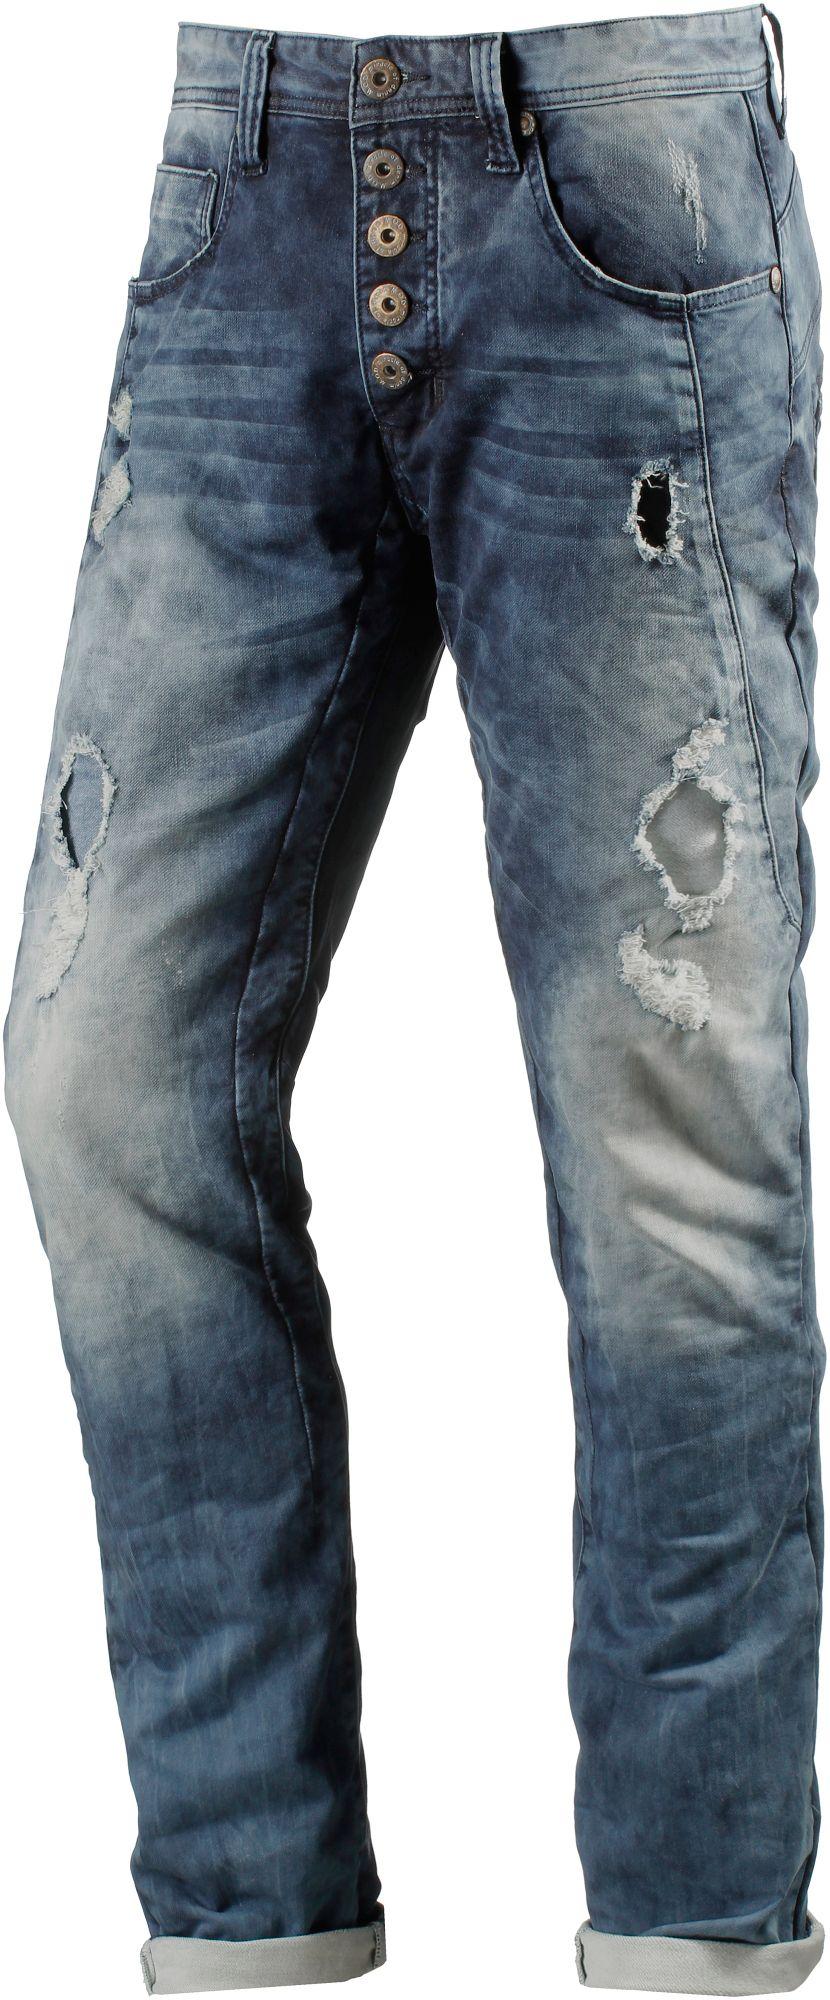 Wesley Anti Fit Jeans Herren in blau, Größe 33 / 32